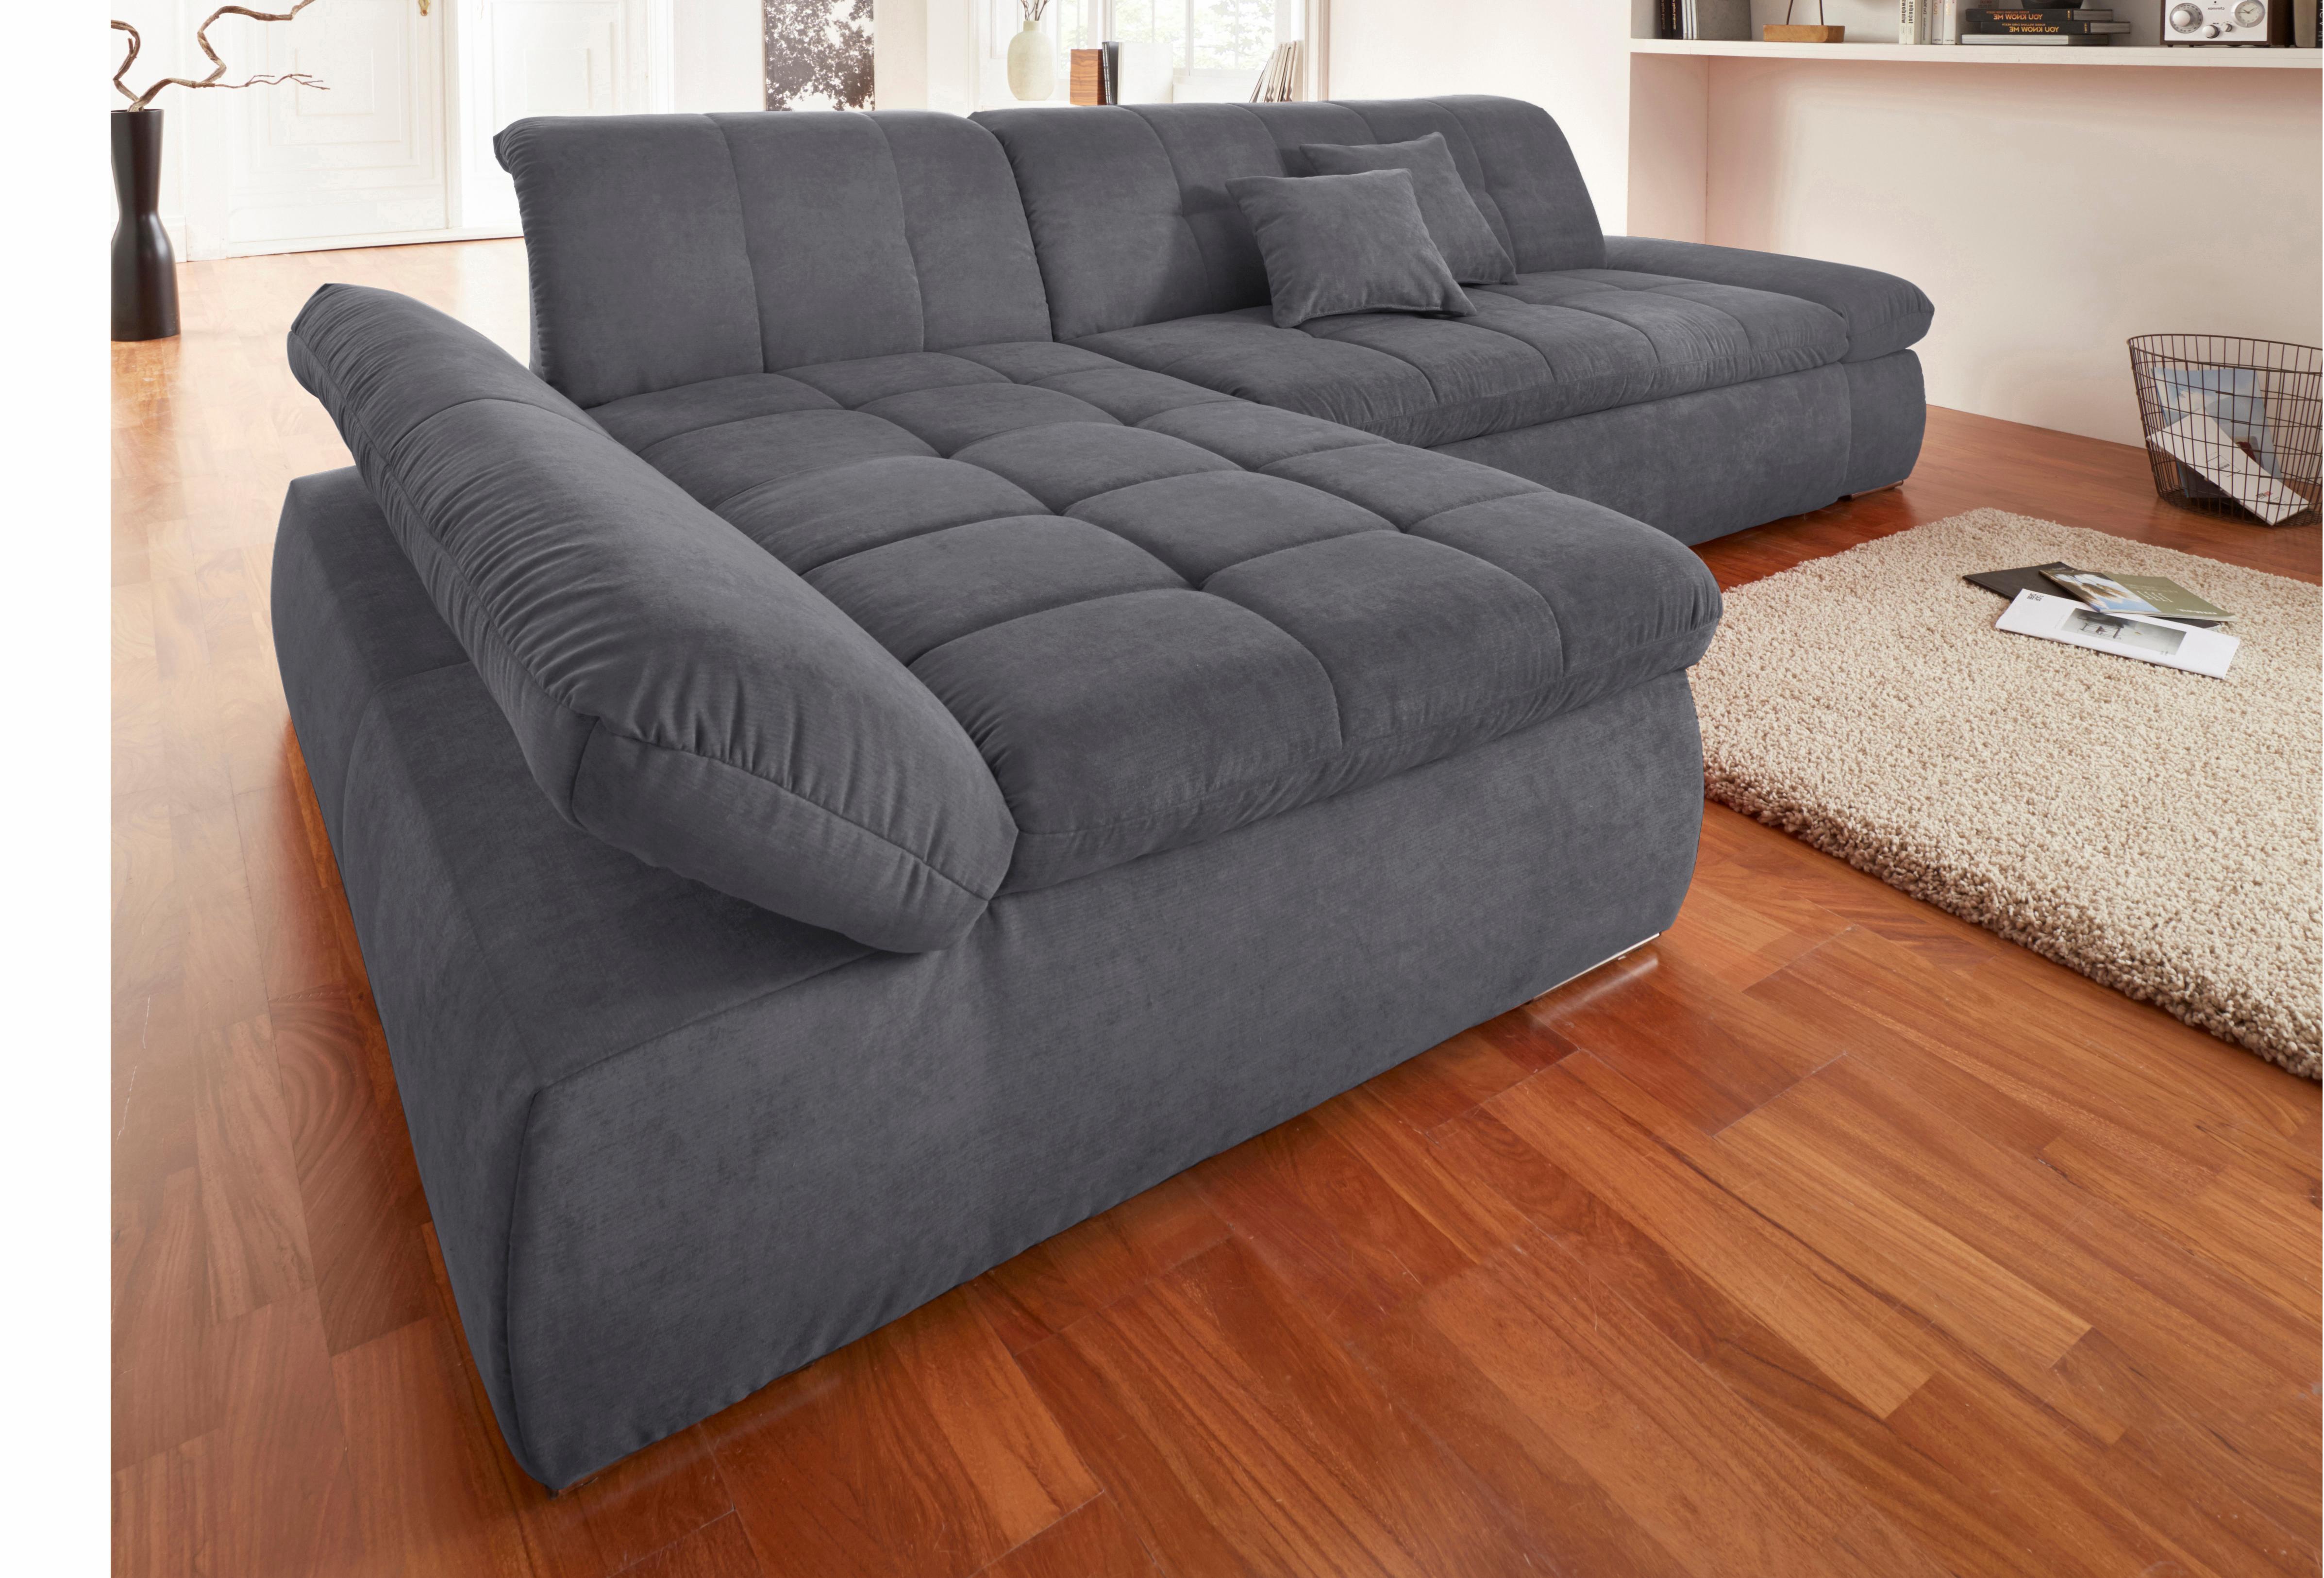 domo collection ecksofa bequem auf rechnung bestellen. Black Bedroom Furniture Sets. Home Design Ideas